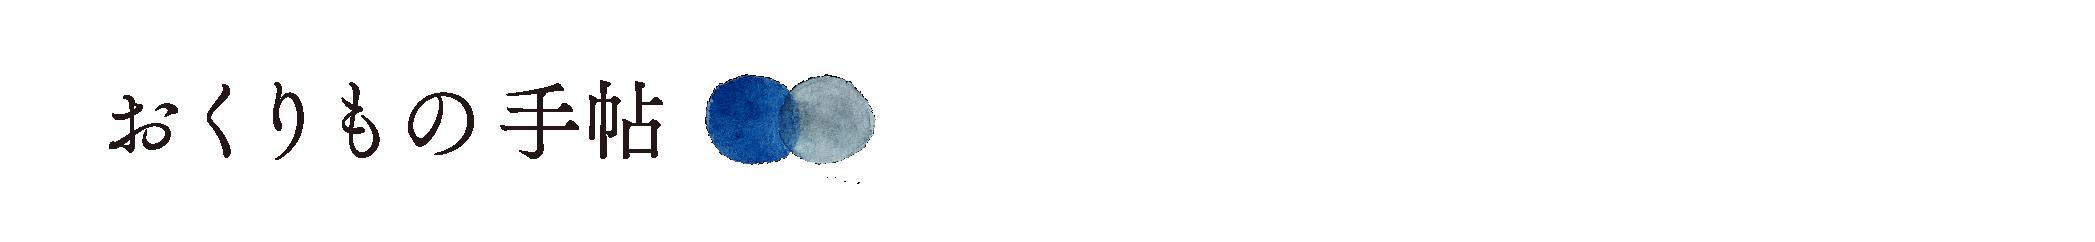 おくりもの手帖のロゴ画像